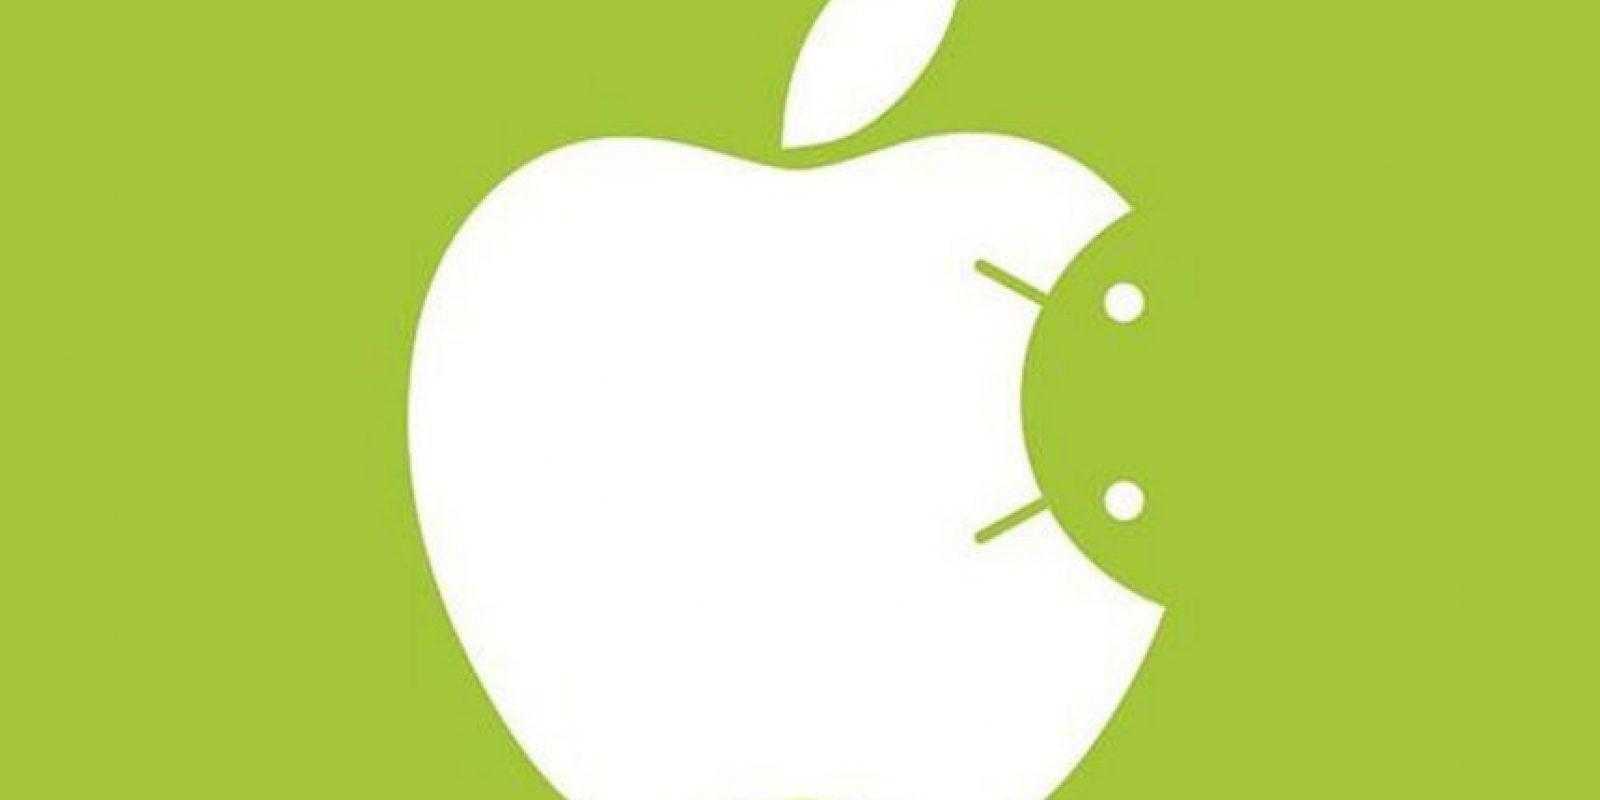 Sin embargo, Android tienen una libertad creativa por arriba de la que tienen los productos de Apple. La capacidad de personalizar todo tipo de apartados visuales es asombrosa, y ésta sigue siendo sin duda una de las grandes bazas de Google y Android Foto:twitter.com/merikliftmaster/